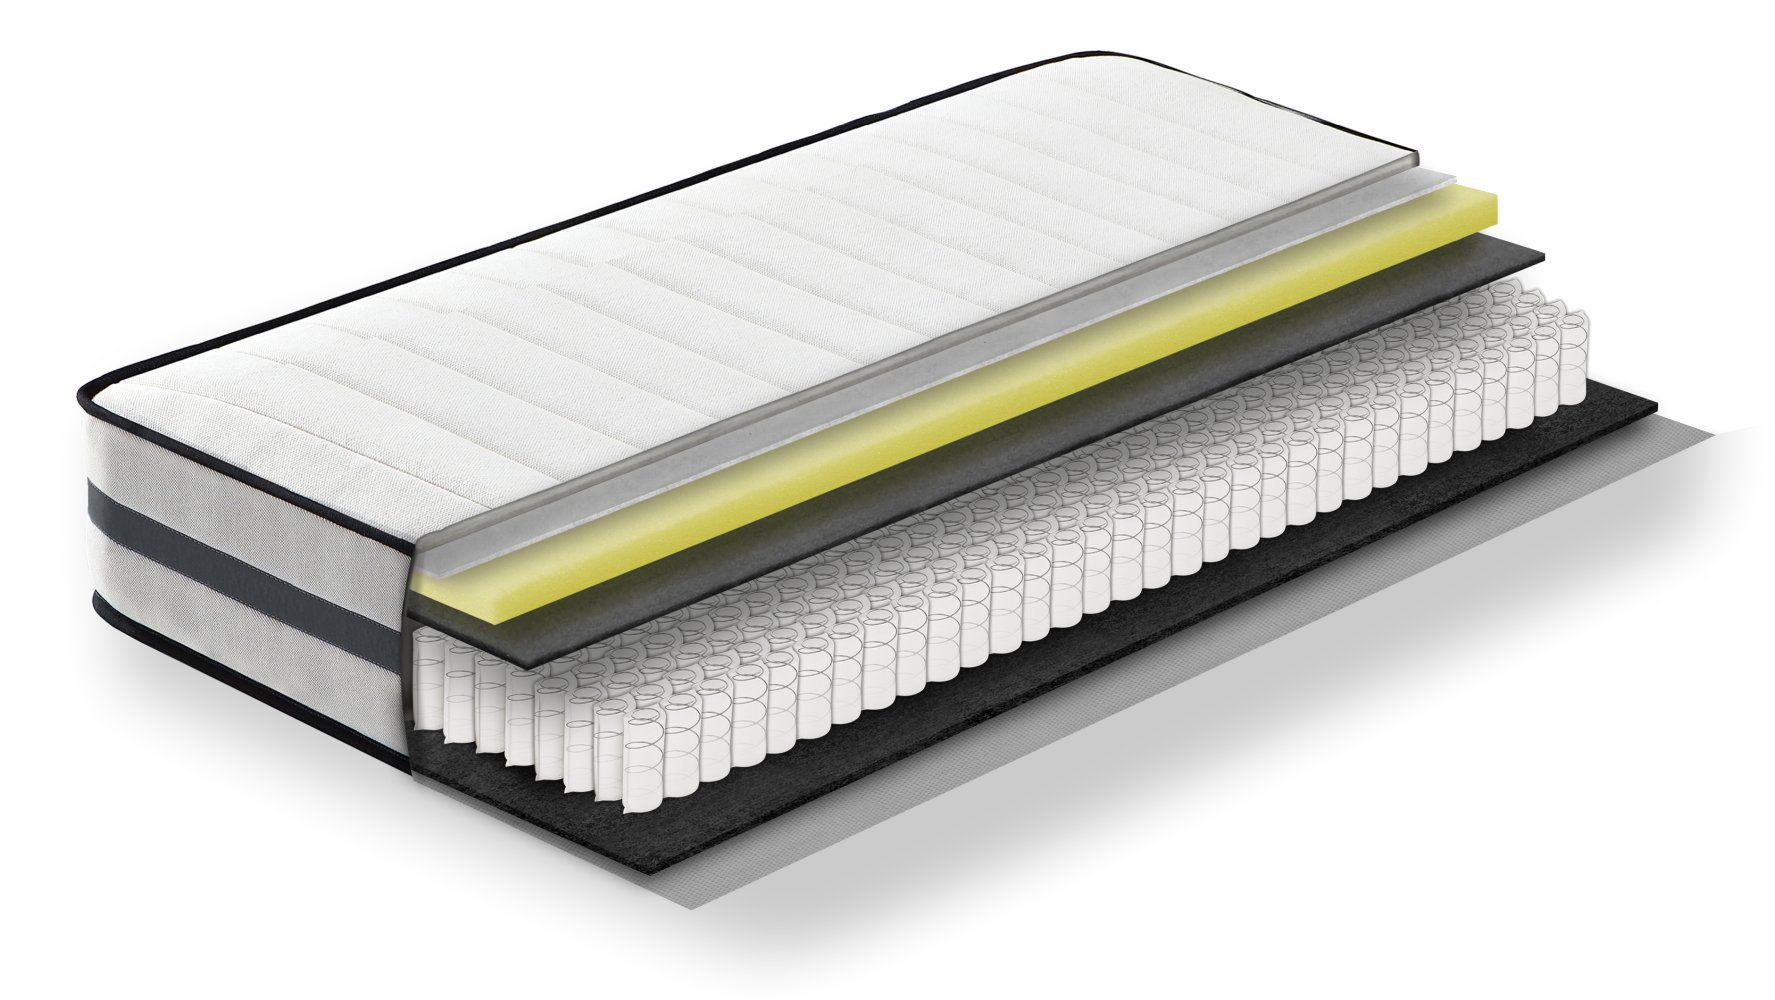 Steiner Premium Matratze Fantasy mit Taschenfederkern - Größe: 140 x 200 cm, Härtegrad H2-H3, Höhe: 22,5 cm